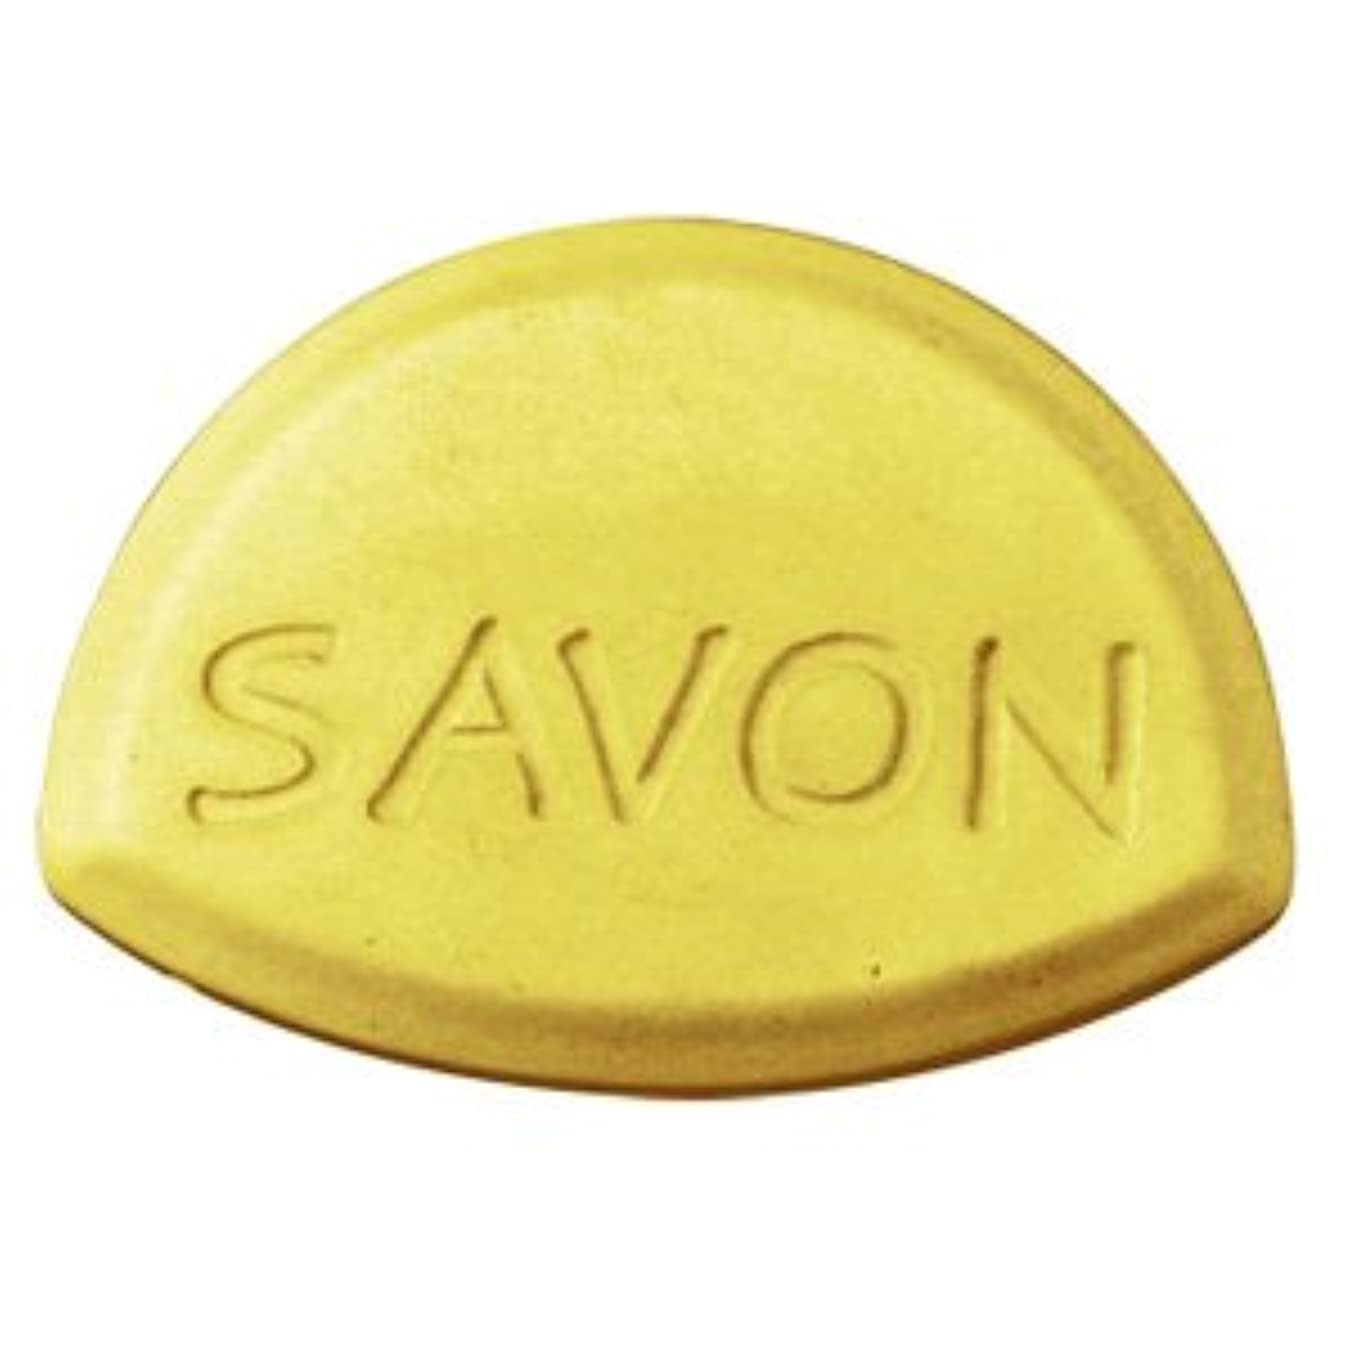 心臓合理的最大のミルキーウェイ SAVON 【ソープモールド/石鹸型/シートモールド】